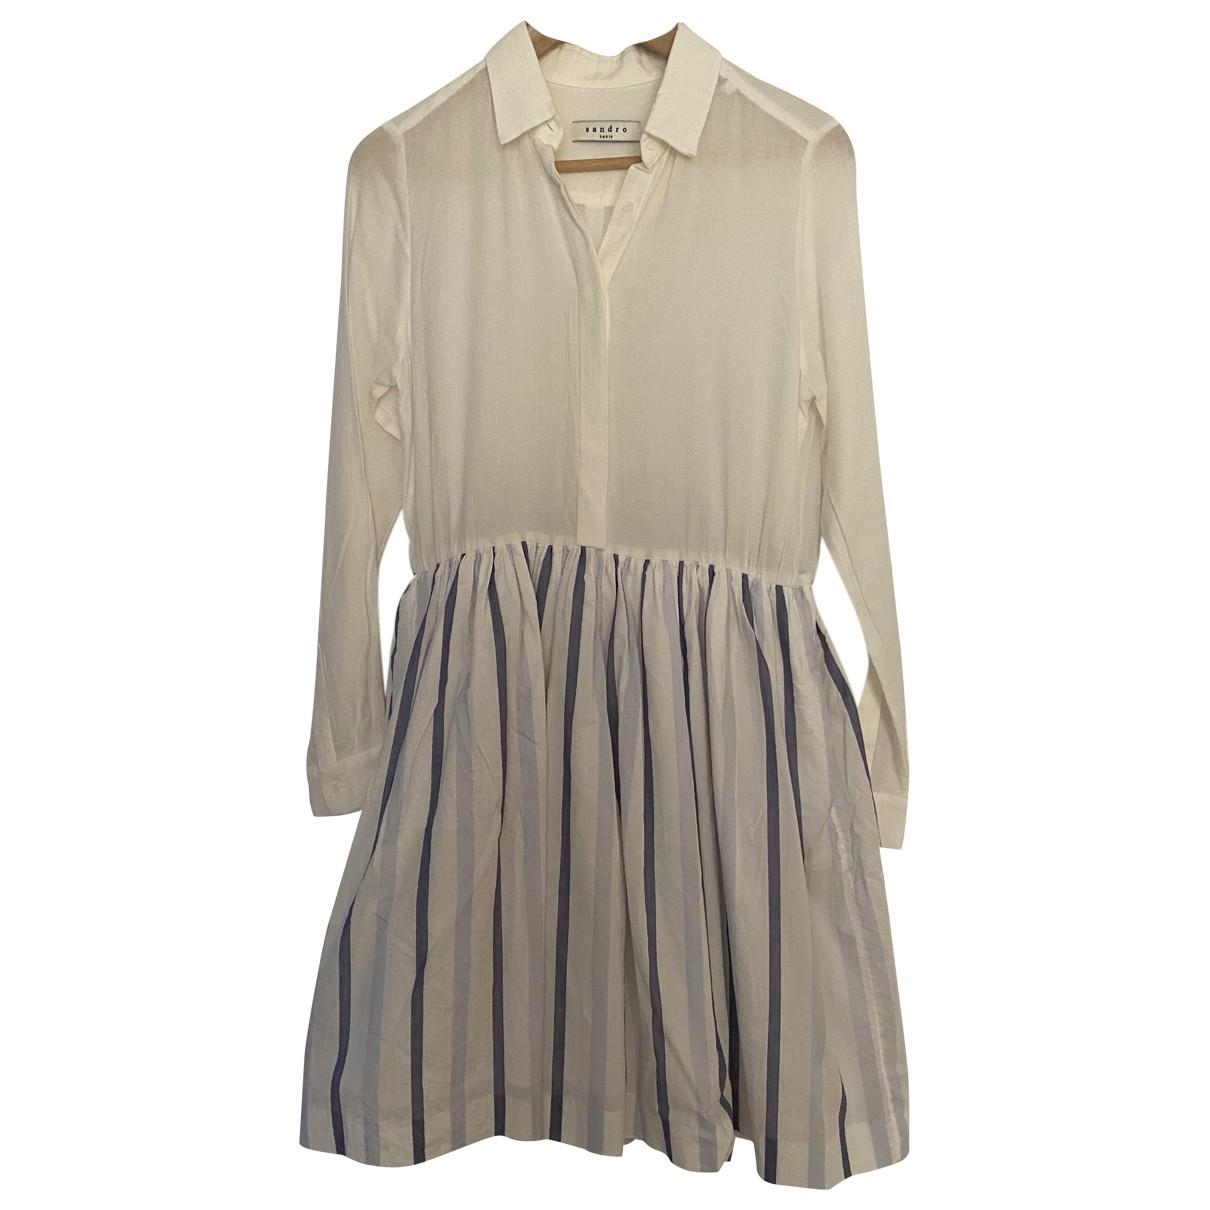 Sandro \N White dress for Women 38 FR